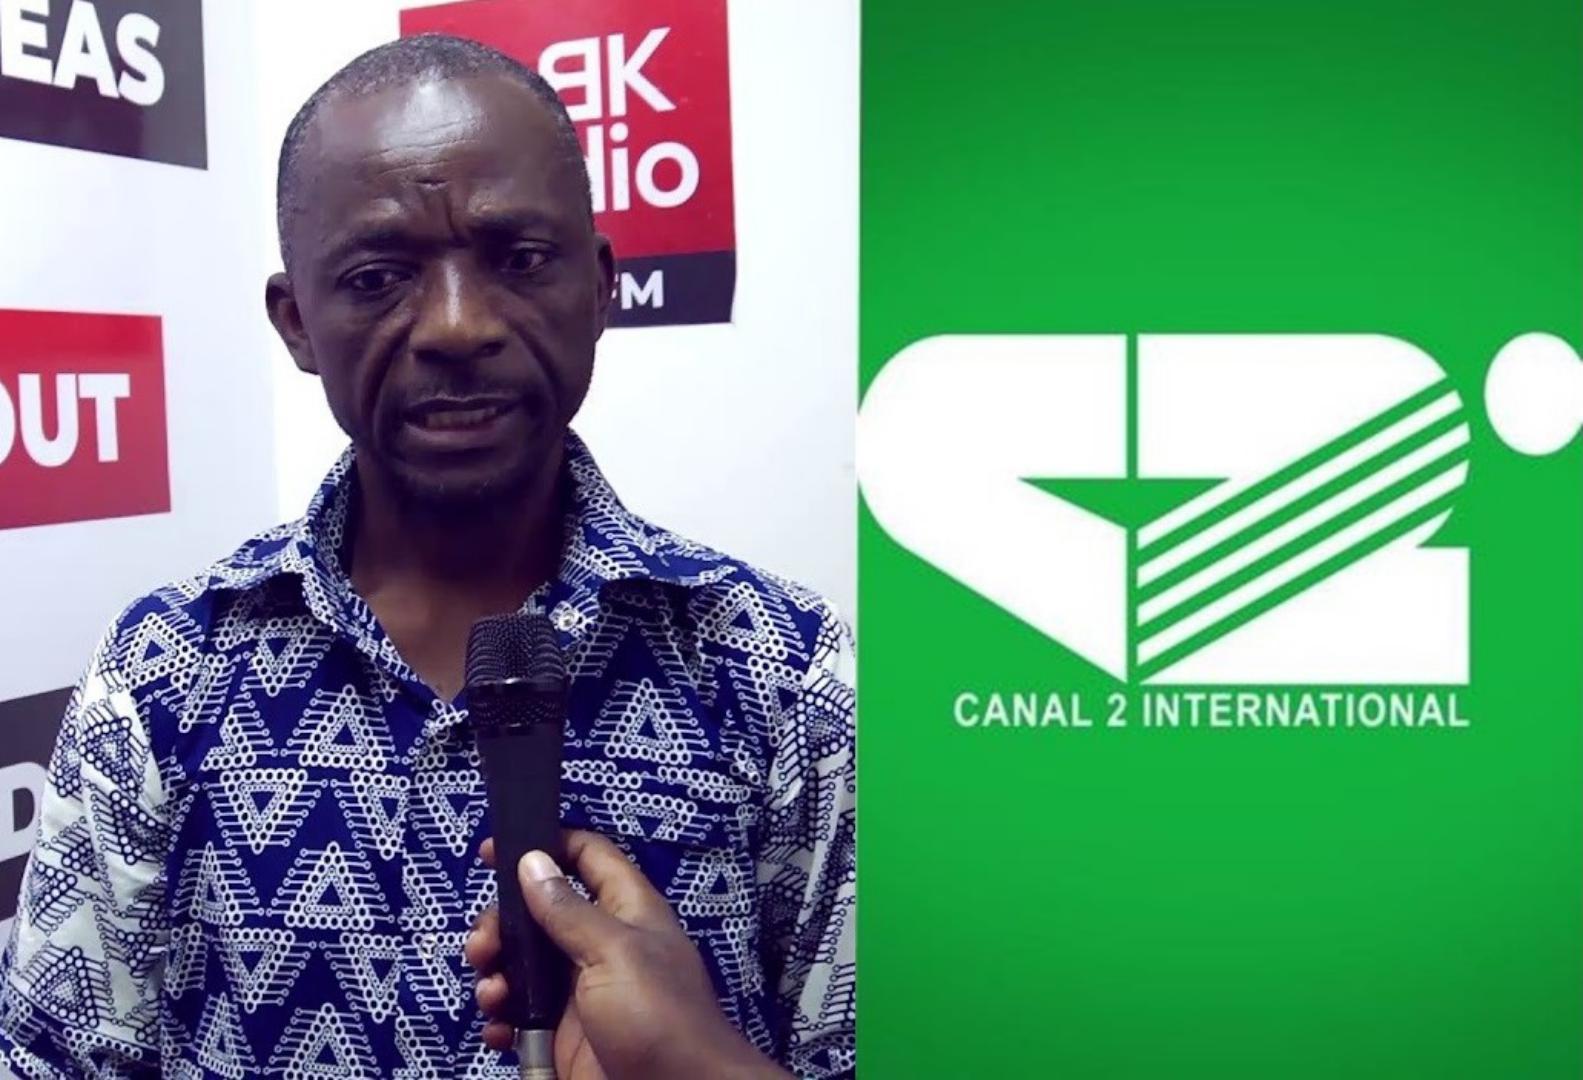 Le Syndicat National des Journalistes du Cameroun demande aux employés de Canal 2 de suspendre leurs activités